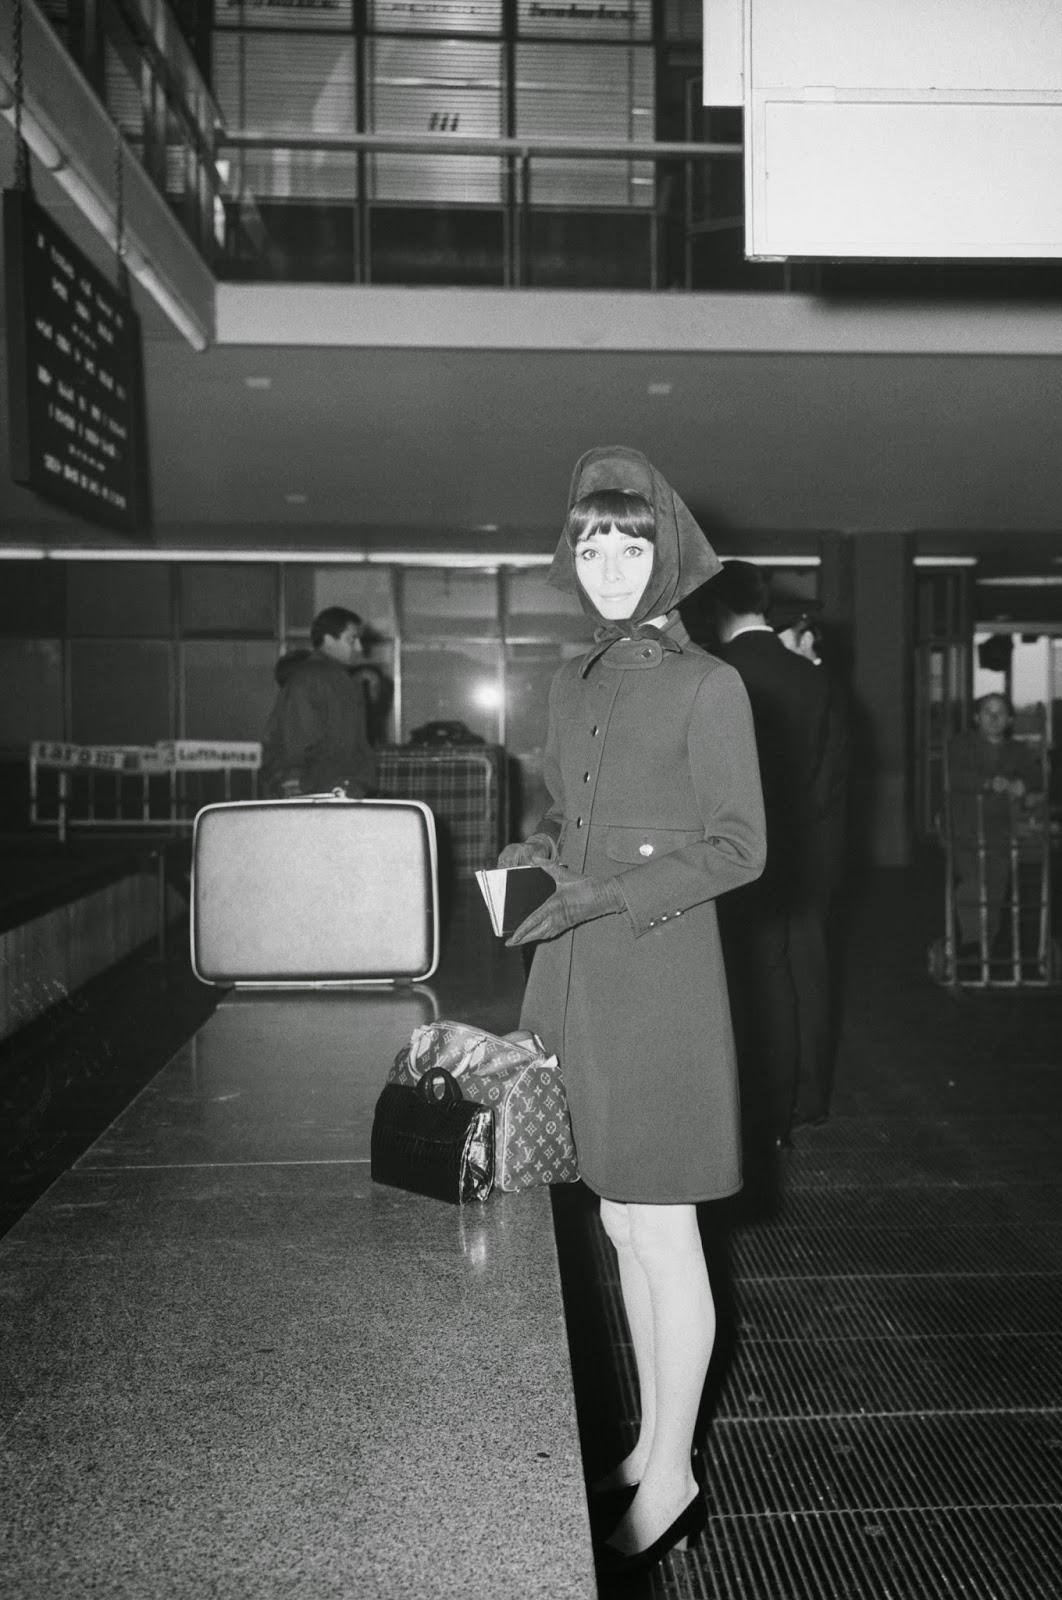 Audrey-Hepburn-1968-Rome-Airport